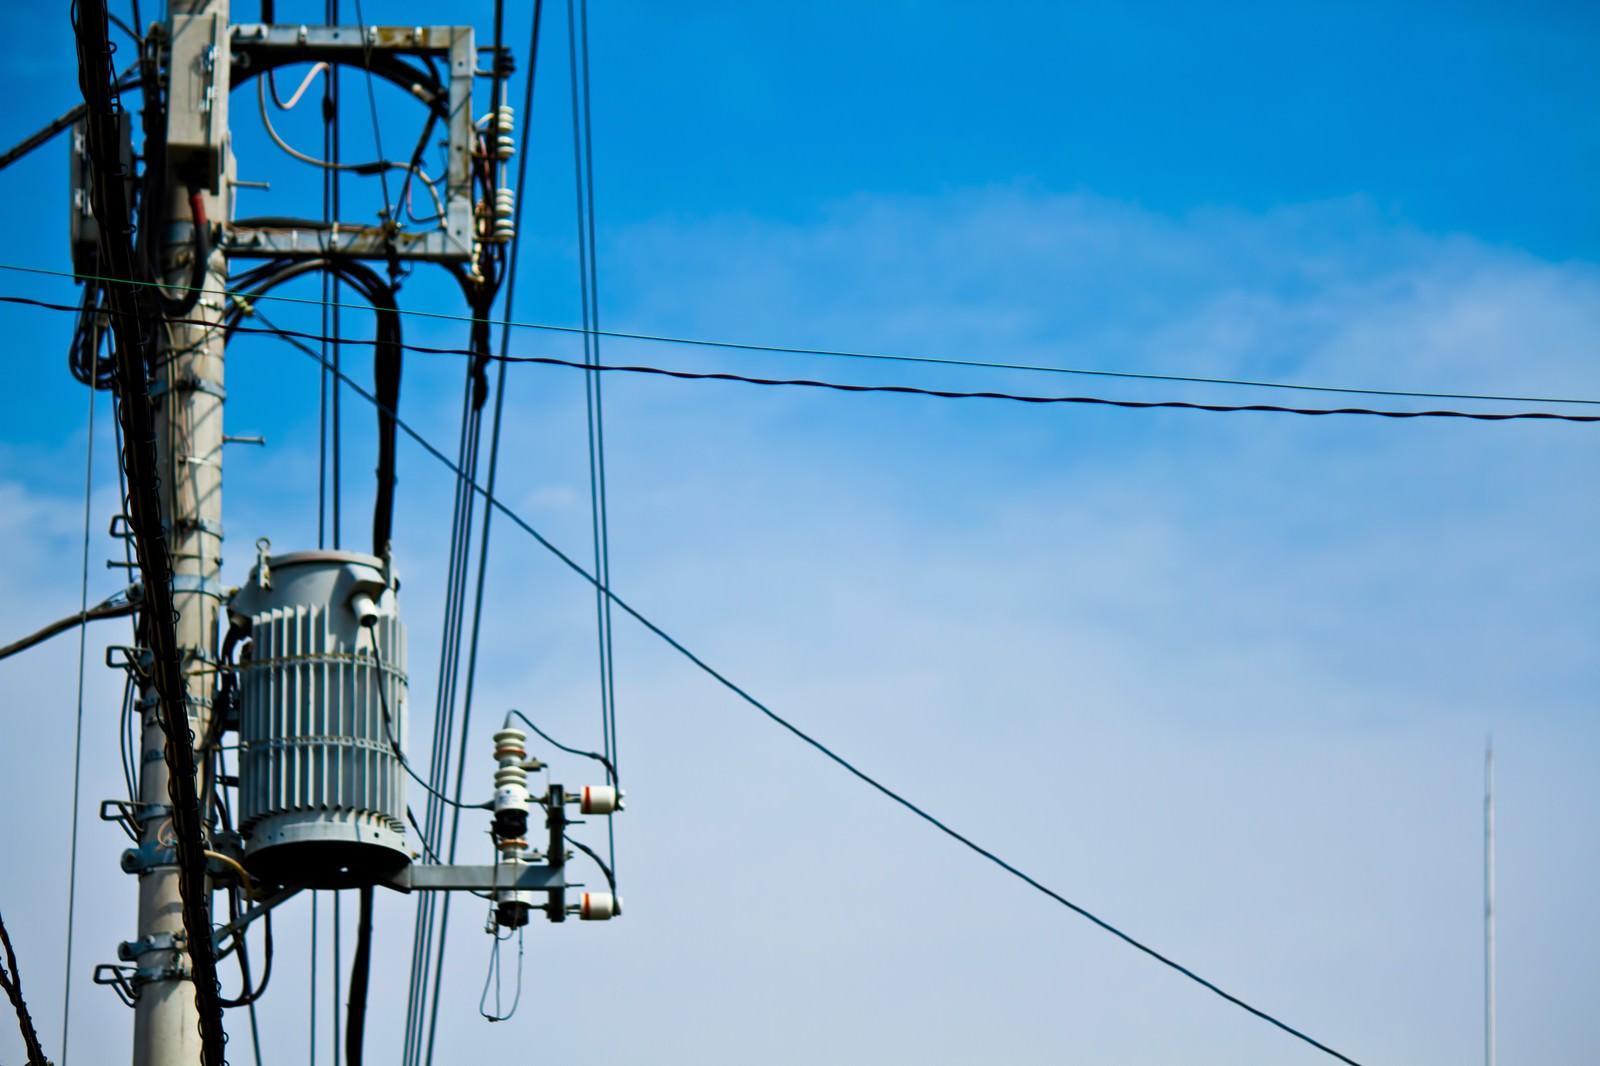 「真夏日の電柱と青空」の写真